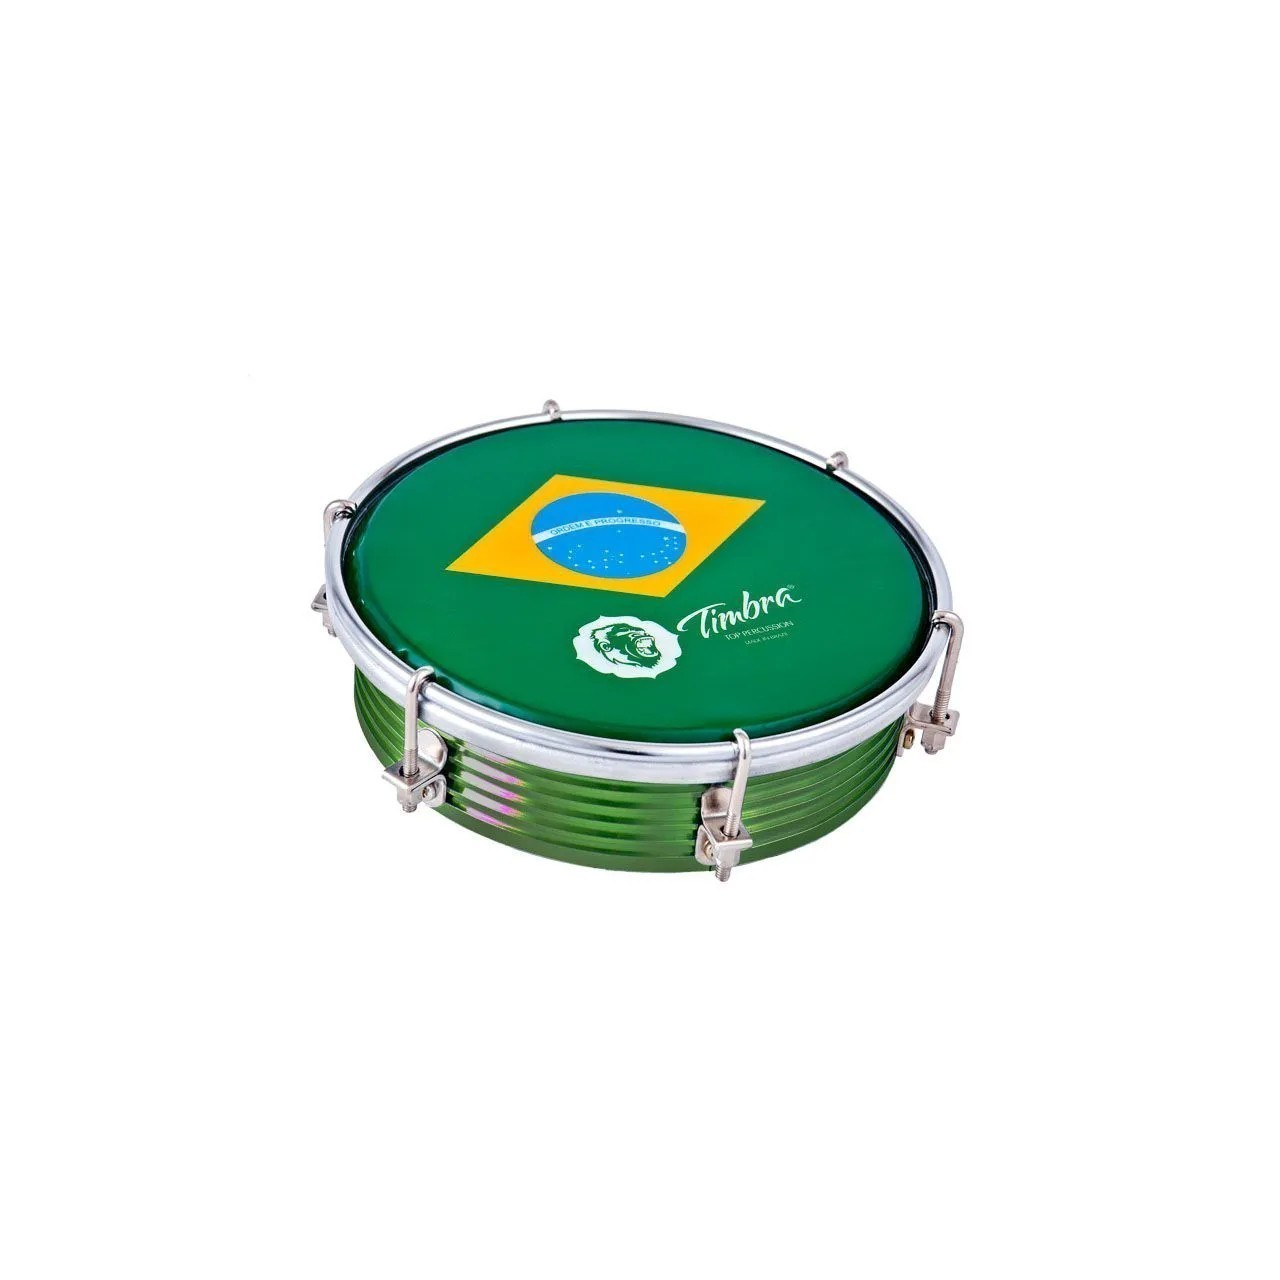 Tamborim 06 Pol Aluminio Colorido C/aro Cromado 6 Afinadores Pele Brasil P3 Timbra